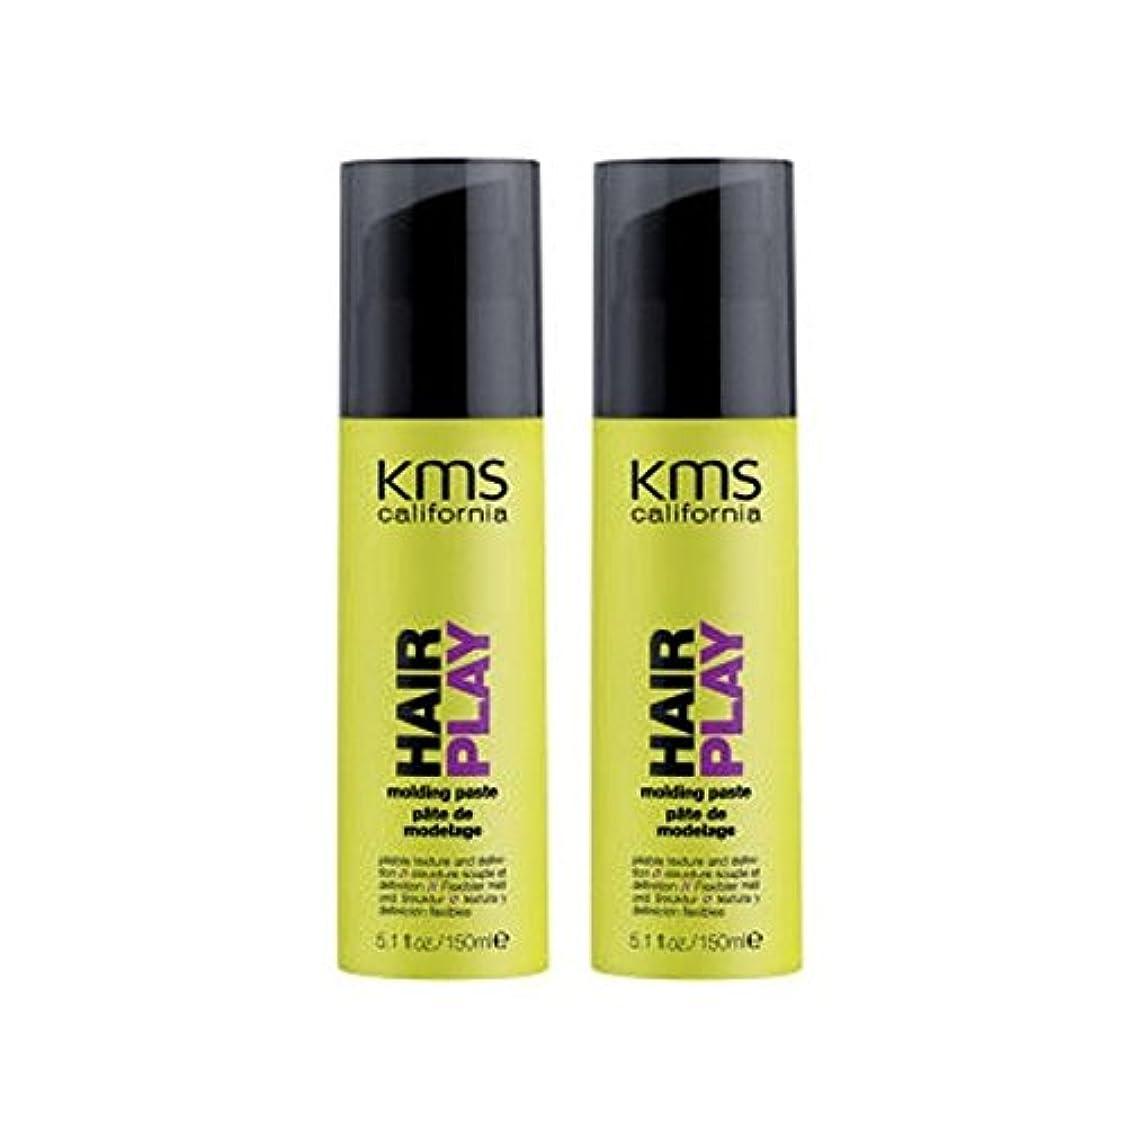 脚受粉者世代カリフォルニア成形ペーストデュオを x2 - Kms California Hairplay Molding Paste Duo (Pack of 2) [並行輸入品]